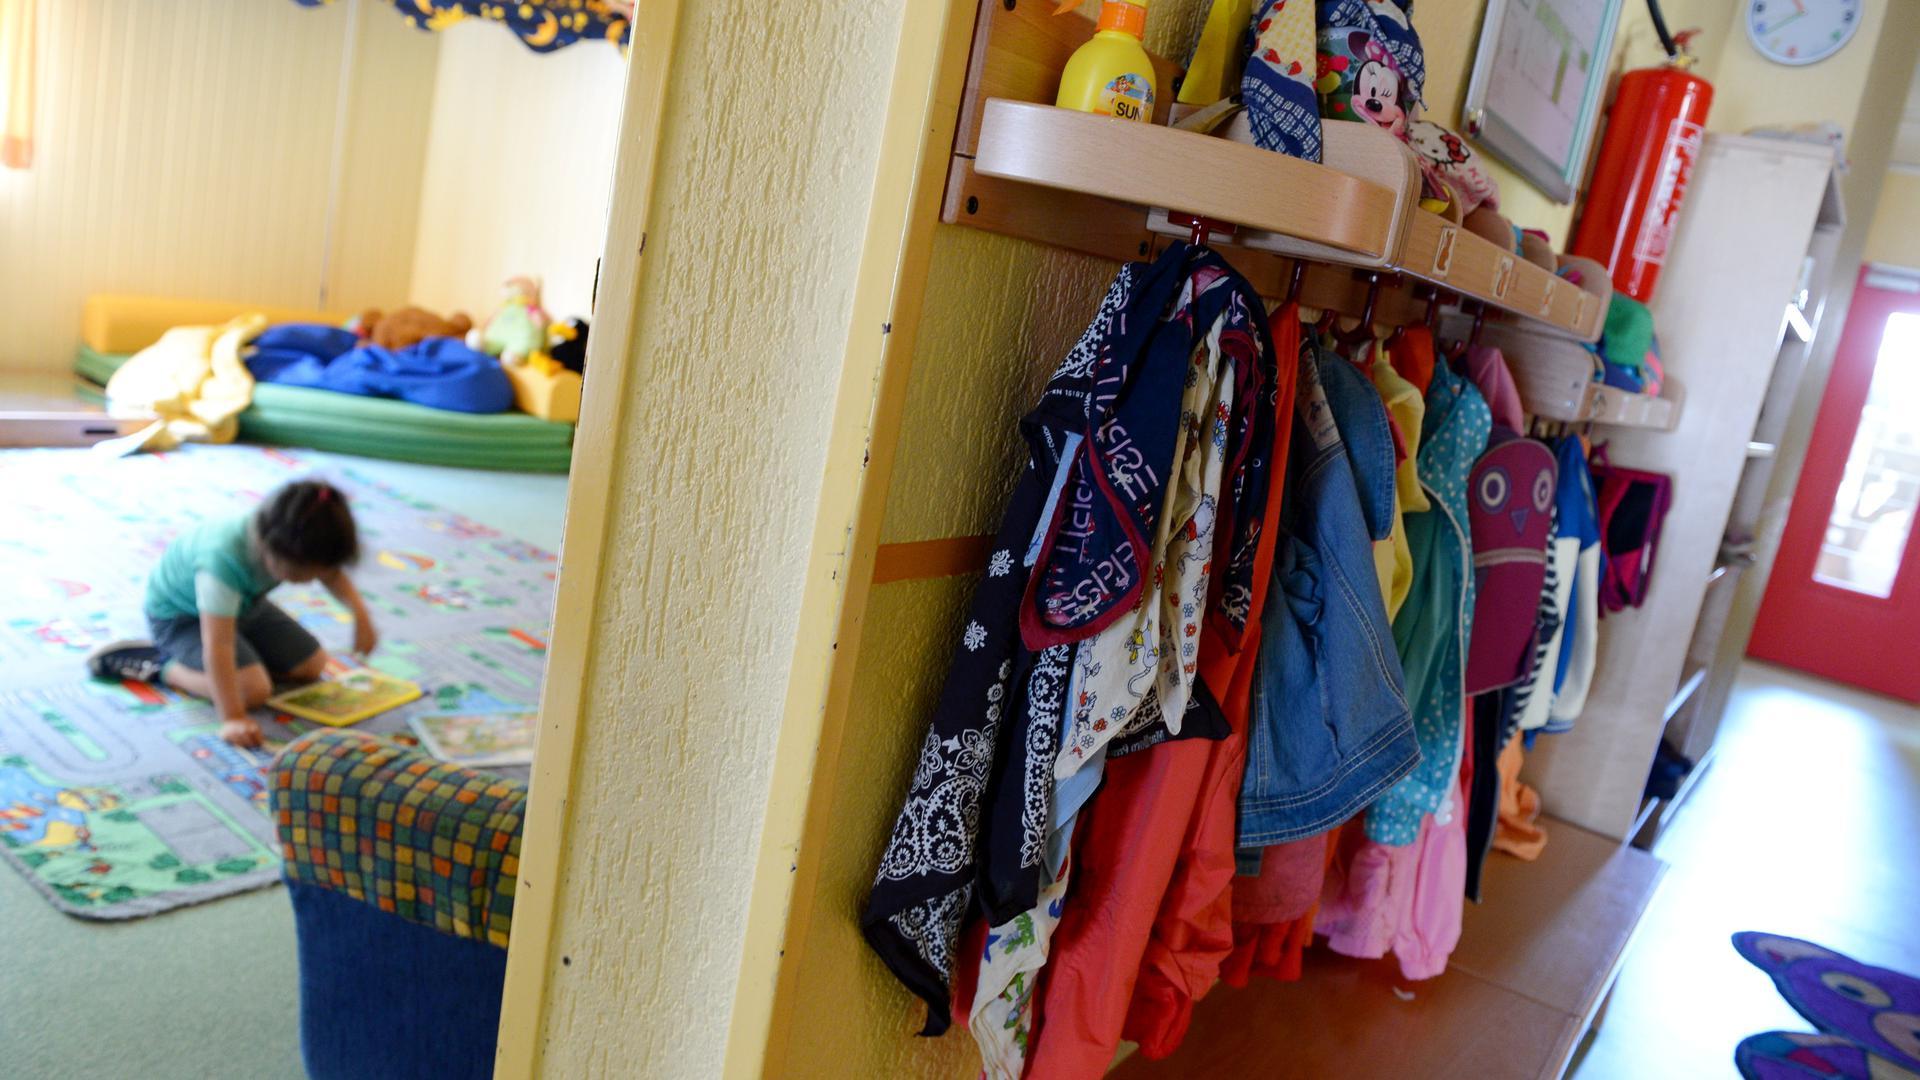 """ARCHIV - Ein kleines Mädchen spielt am 24.07.2014 in der Kinderschutzeinrichtung in Frankfurt am Main mit einem Puzzle. Rund um die Uhr finden Kinder in dem Heim Zuflucht, die zu Hause Gewalt, Verwahrlosung, Drogen, Alkoholismus oder sexuellem Missbrauch ausgesetzt sind. Foto: Roland Holschneider/dpa (zu dpa/lhe """"Statistisches Landesamt zu den Ausgaben der Kinder- und Jugendhilfe 2014"""" vom 03.12.2015) +++ dpa-Bildfunk +++"""